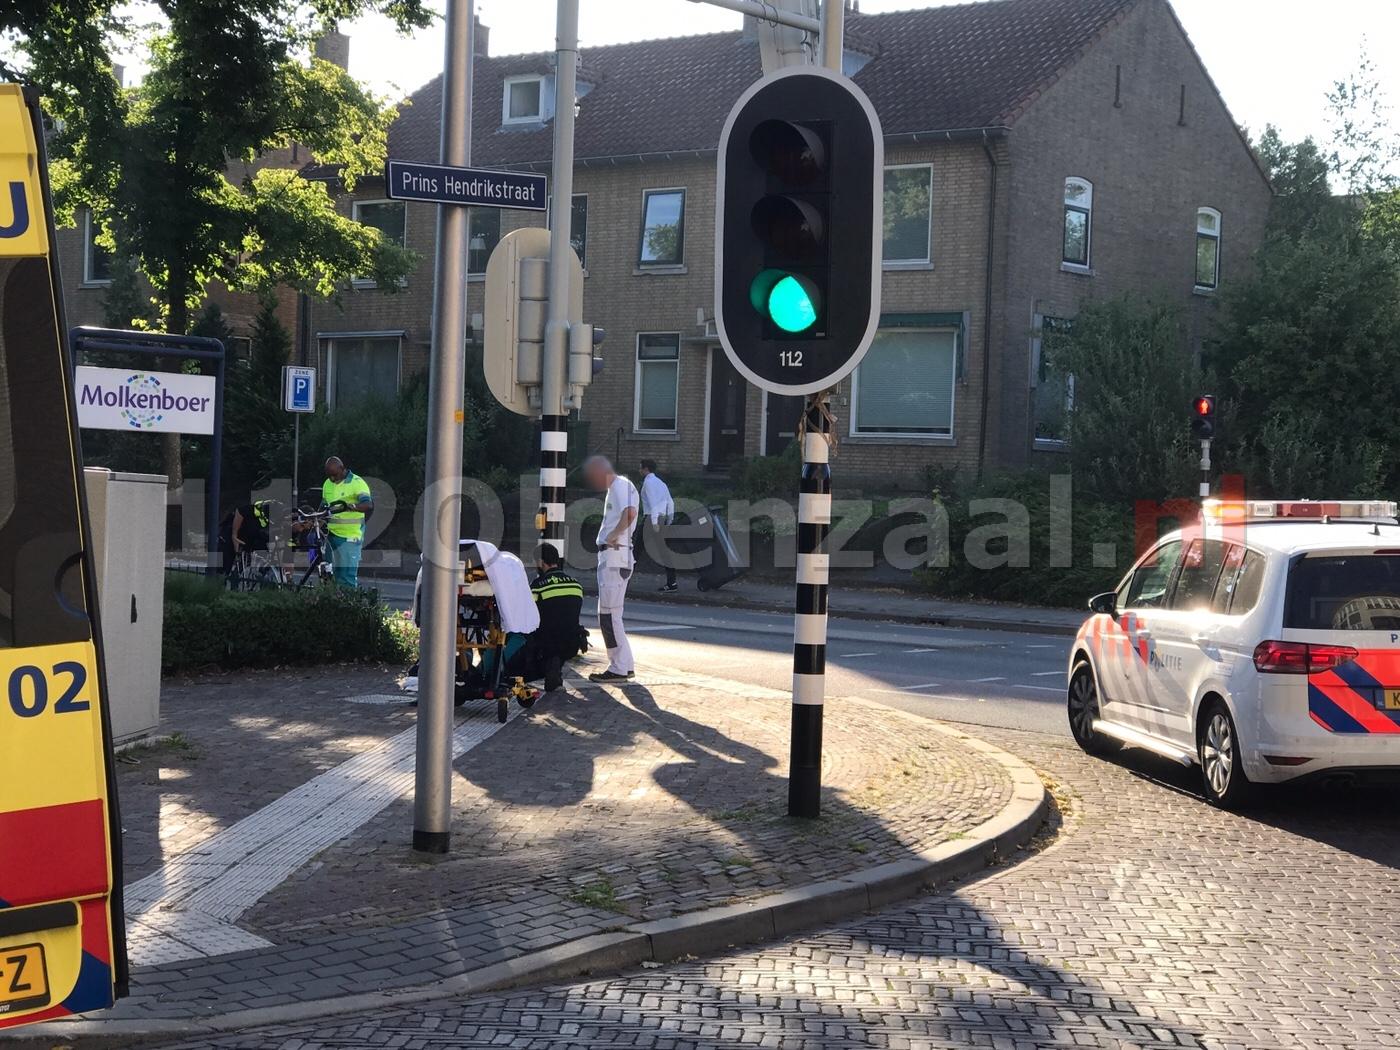 Fietser en auto komen in botsing Beatrixstraat Oldenzaal; fietser gewond naar het ziekenhuis